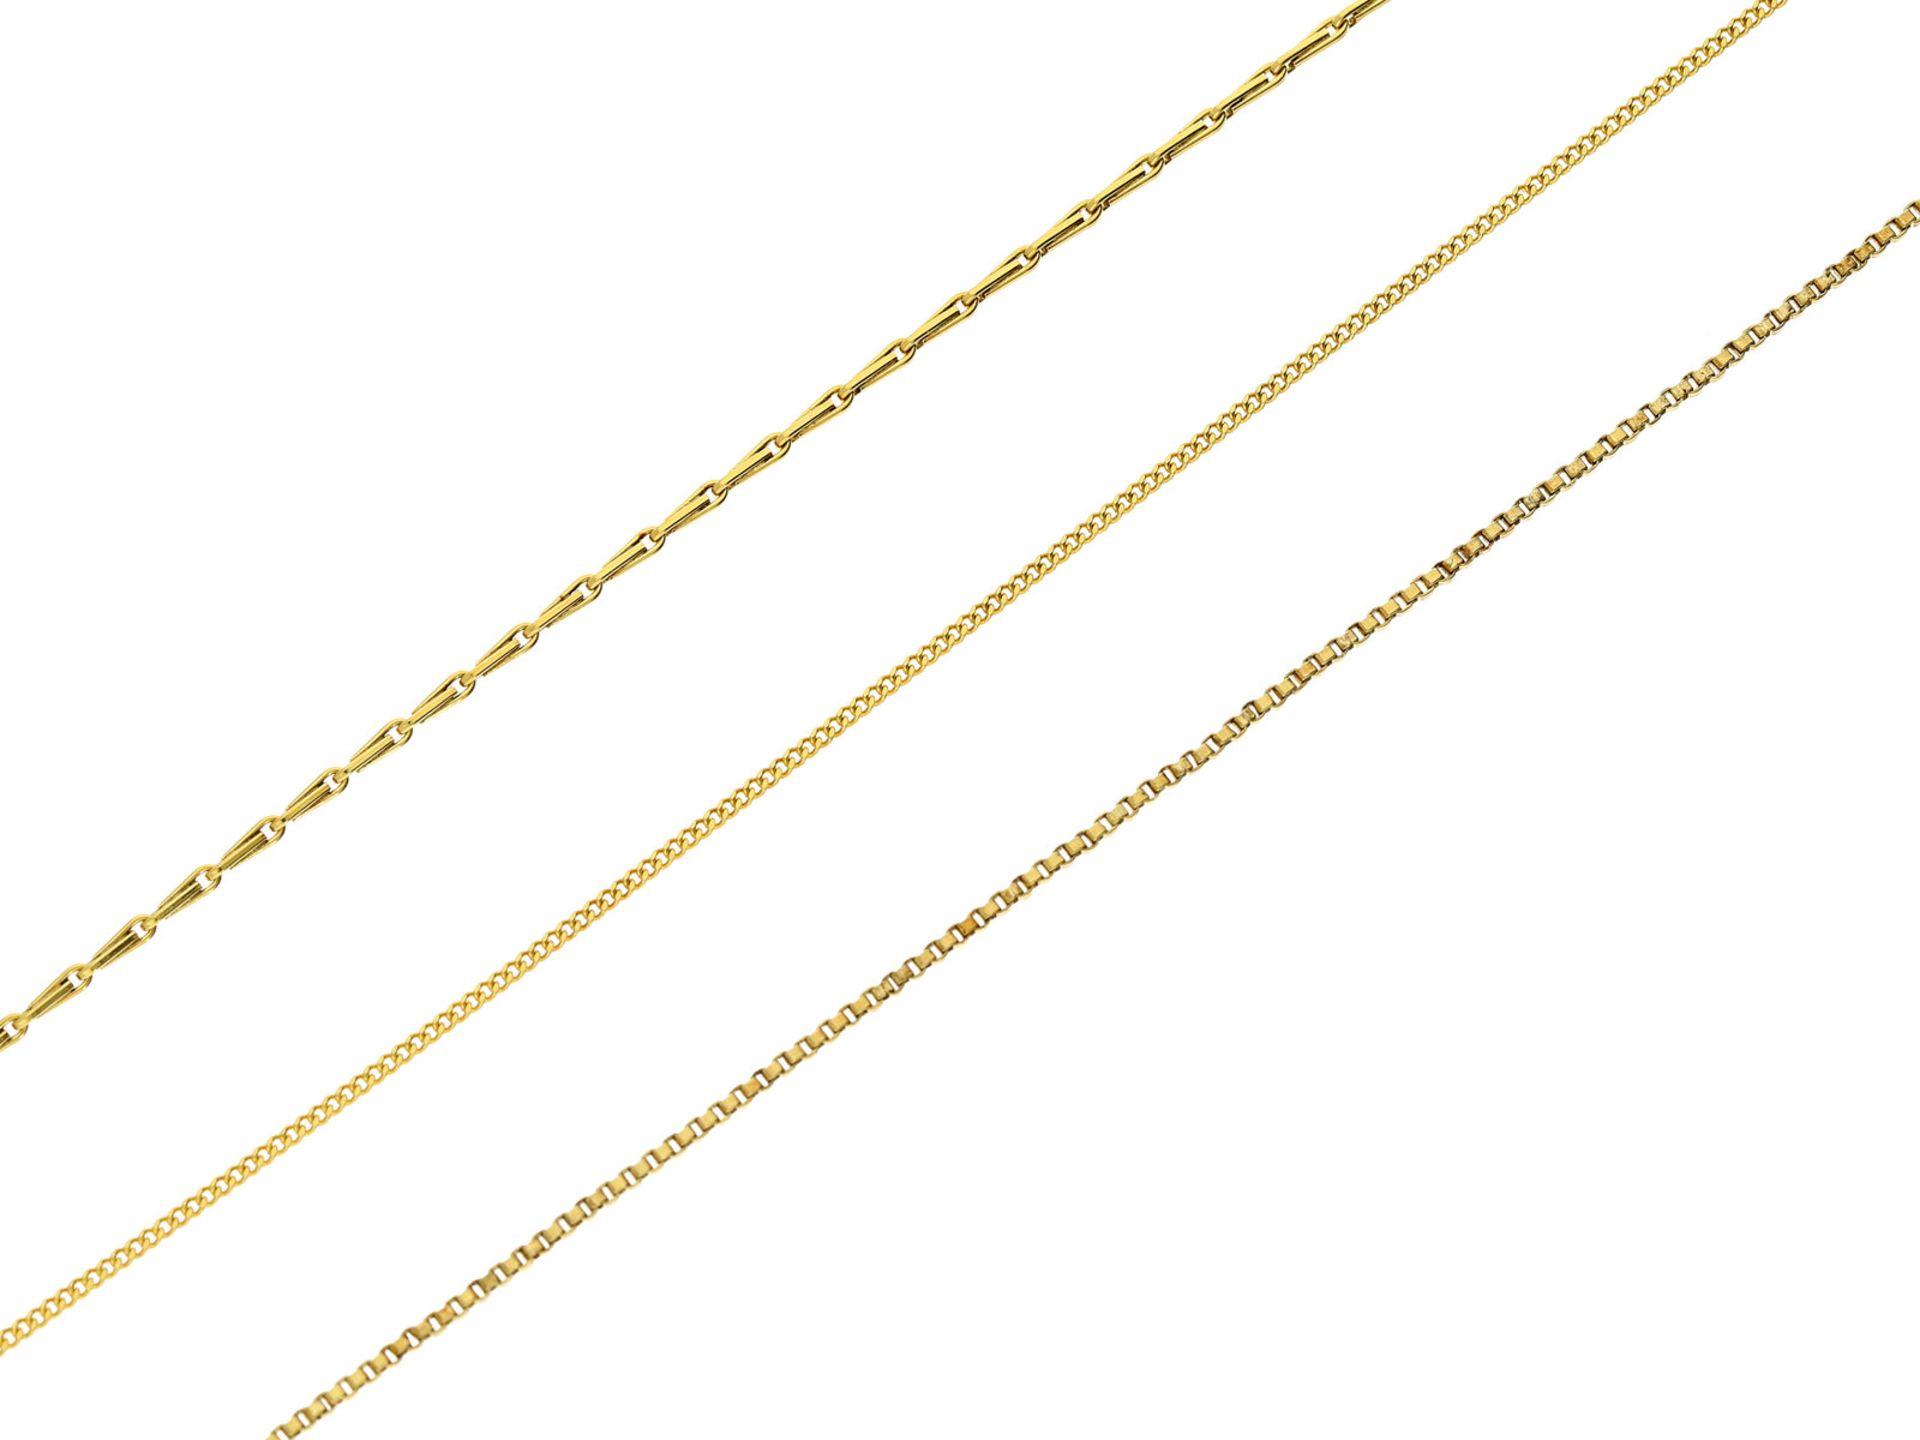 Kette/Collier: goldene, feine und neuwertige CollierkettenGesamtgewicht ca. 10,4g, 14K Gelbgold, 2